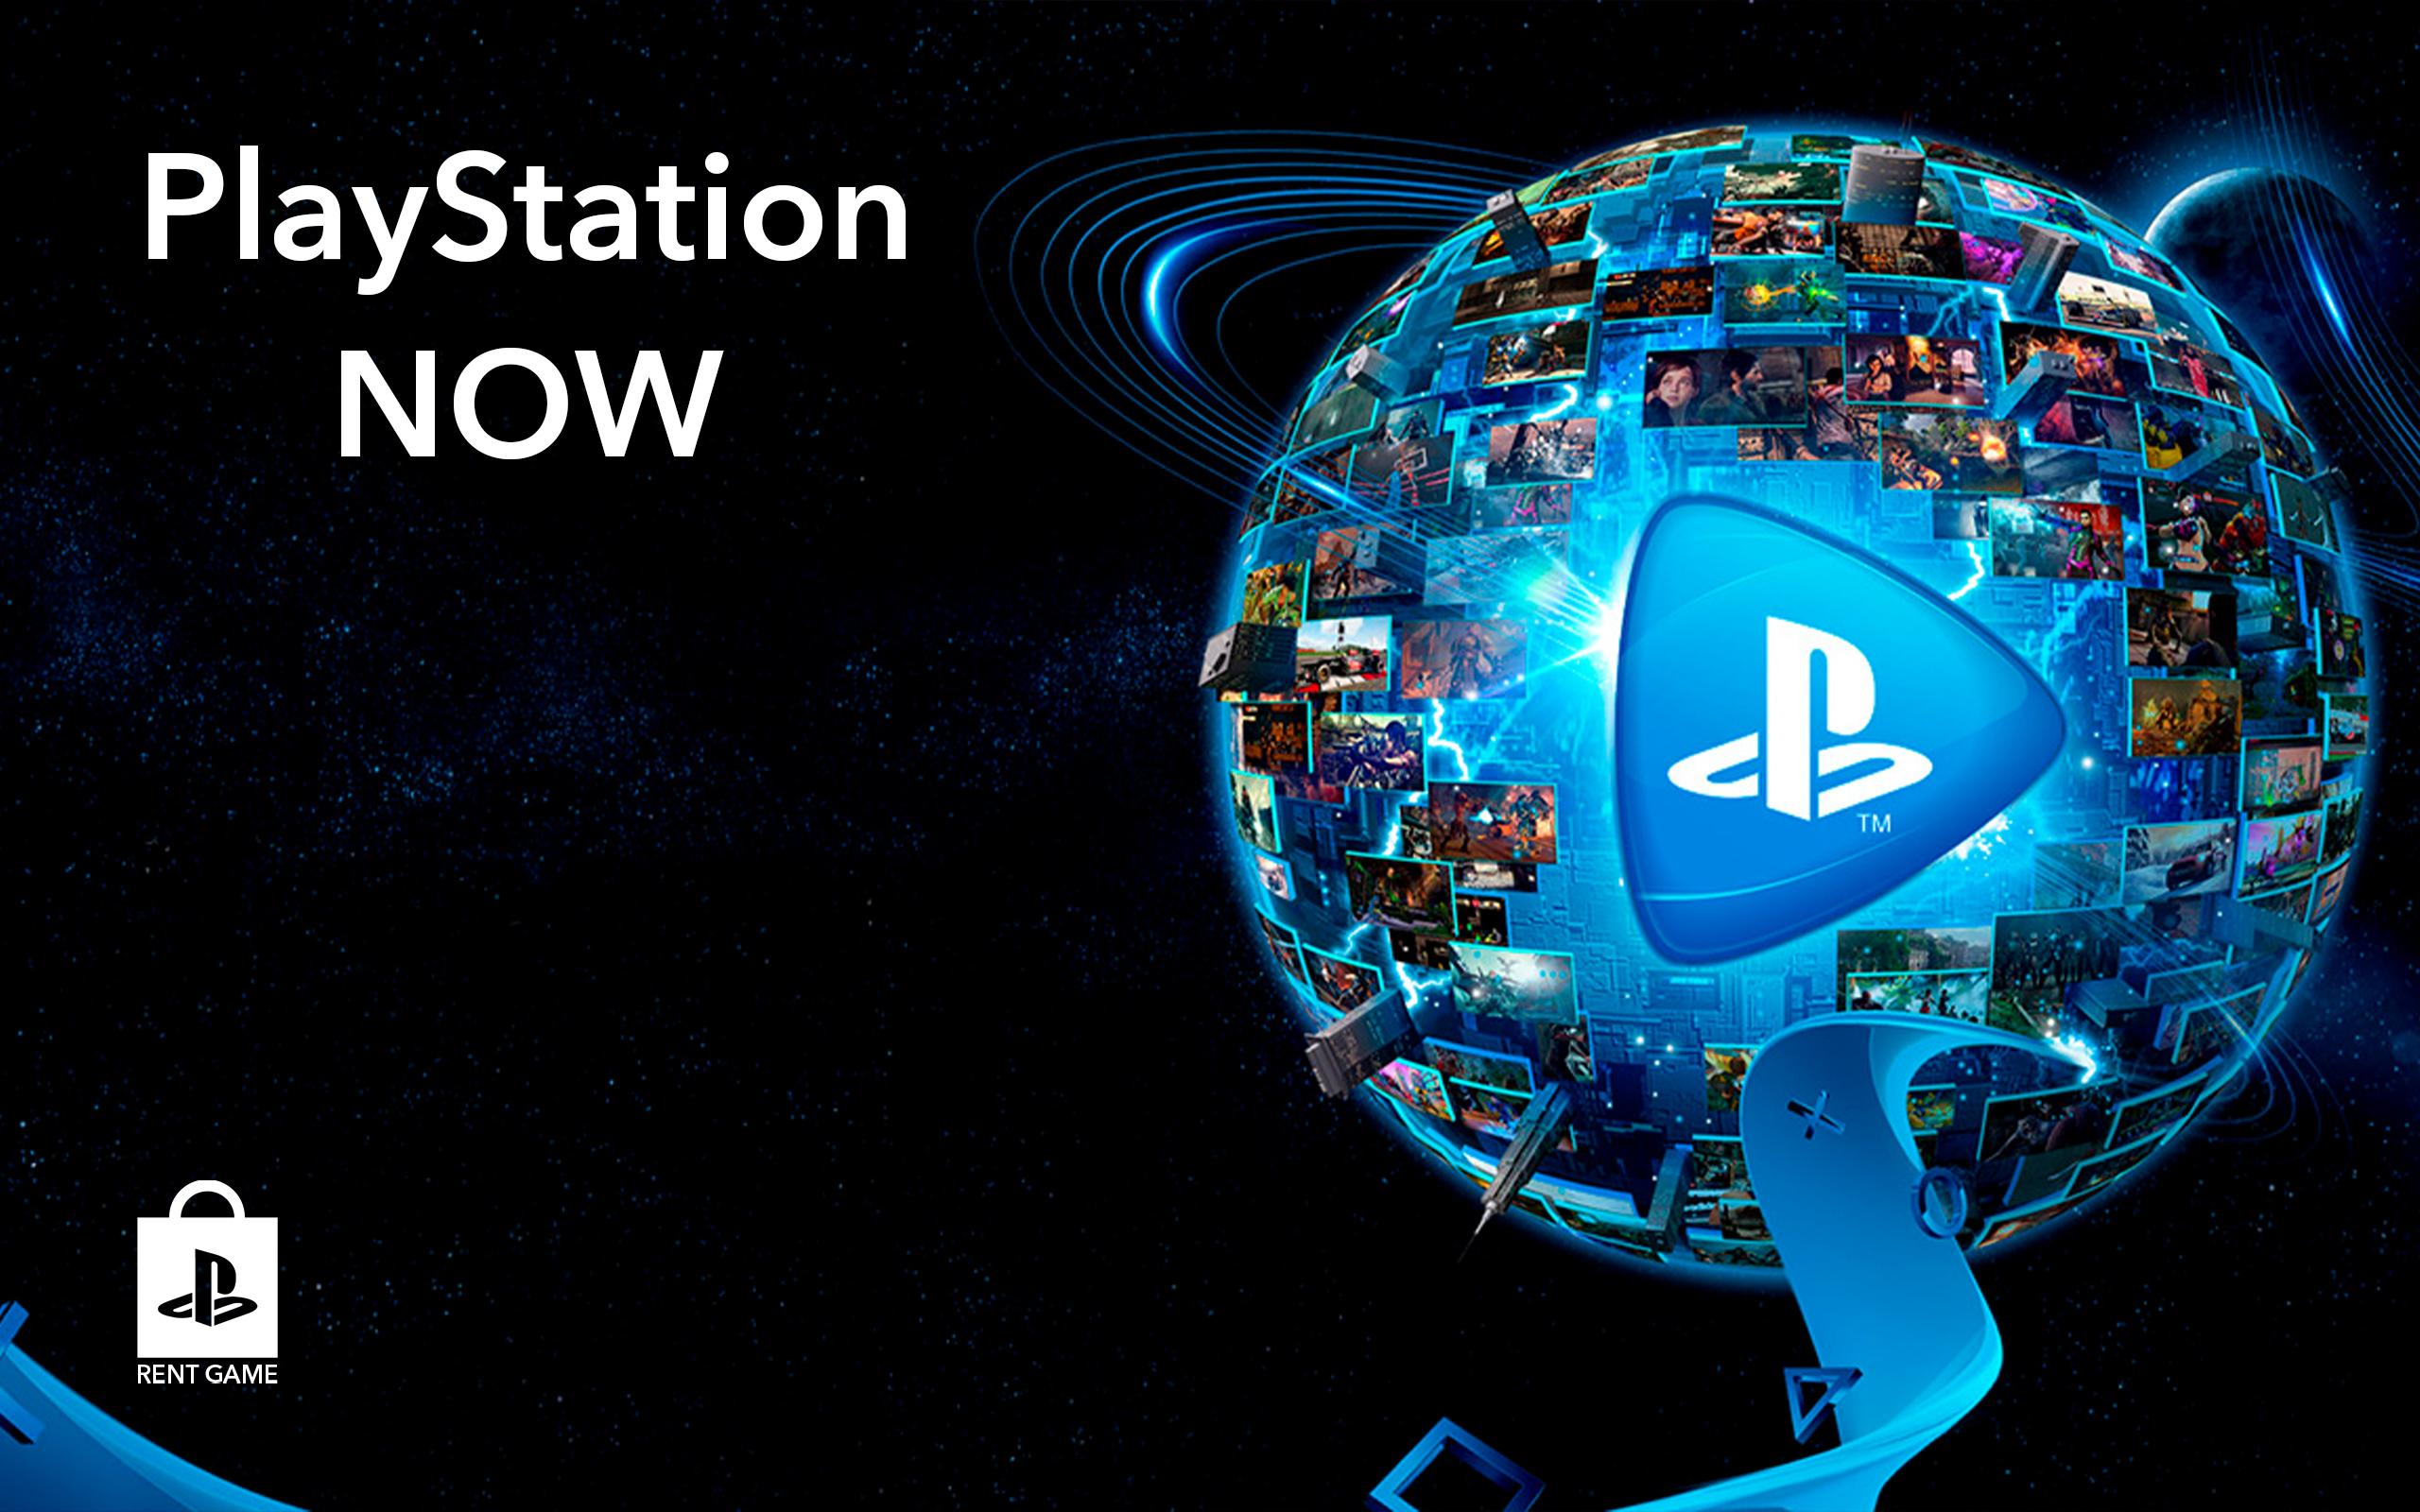 сотни игр для PS4, PS3 и PS2 на PS4 и PS5